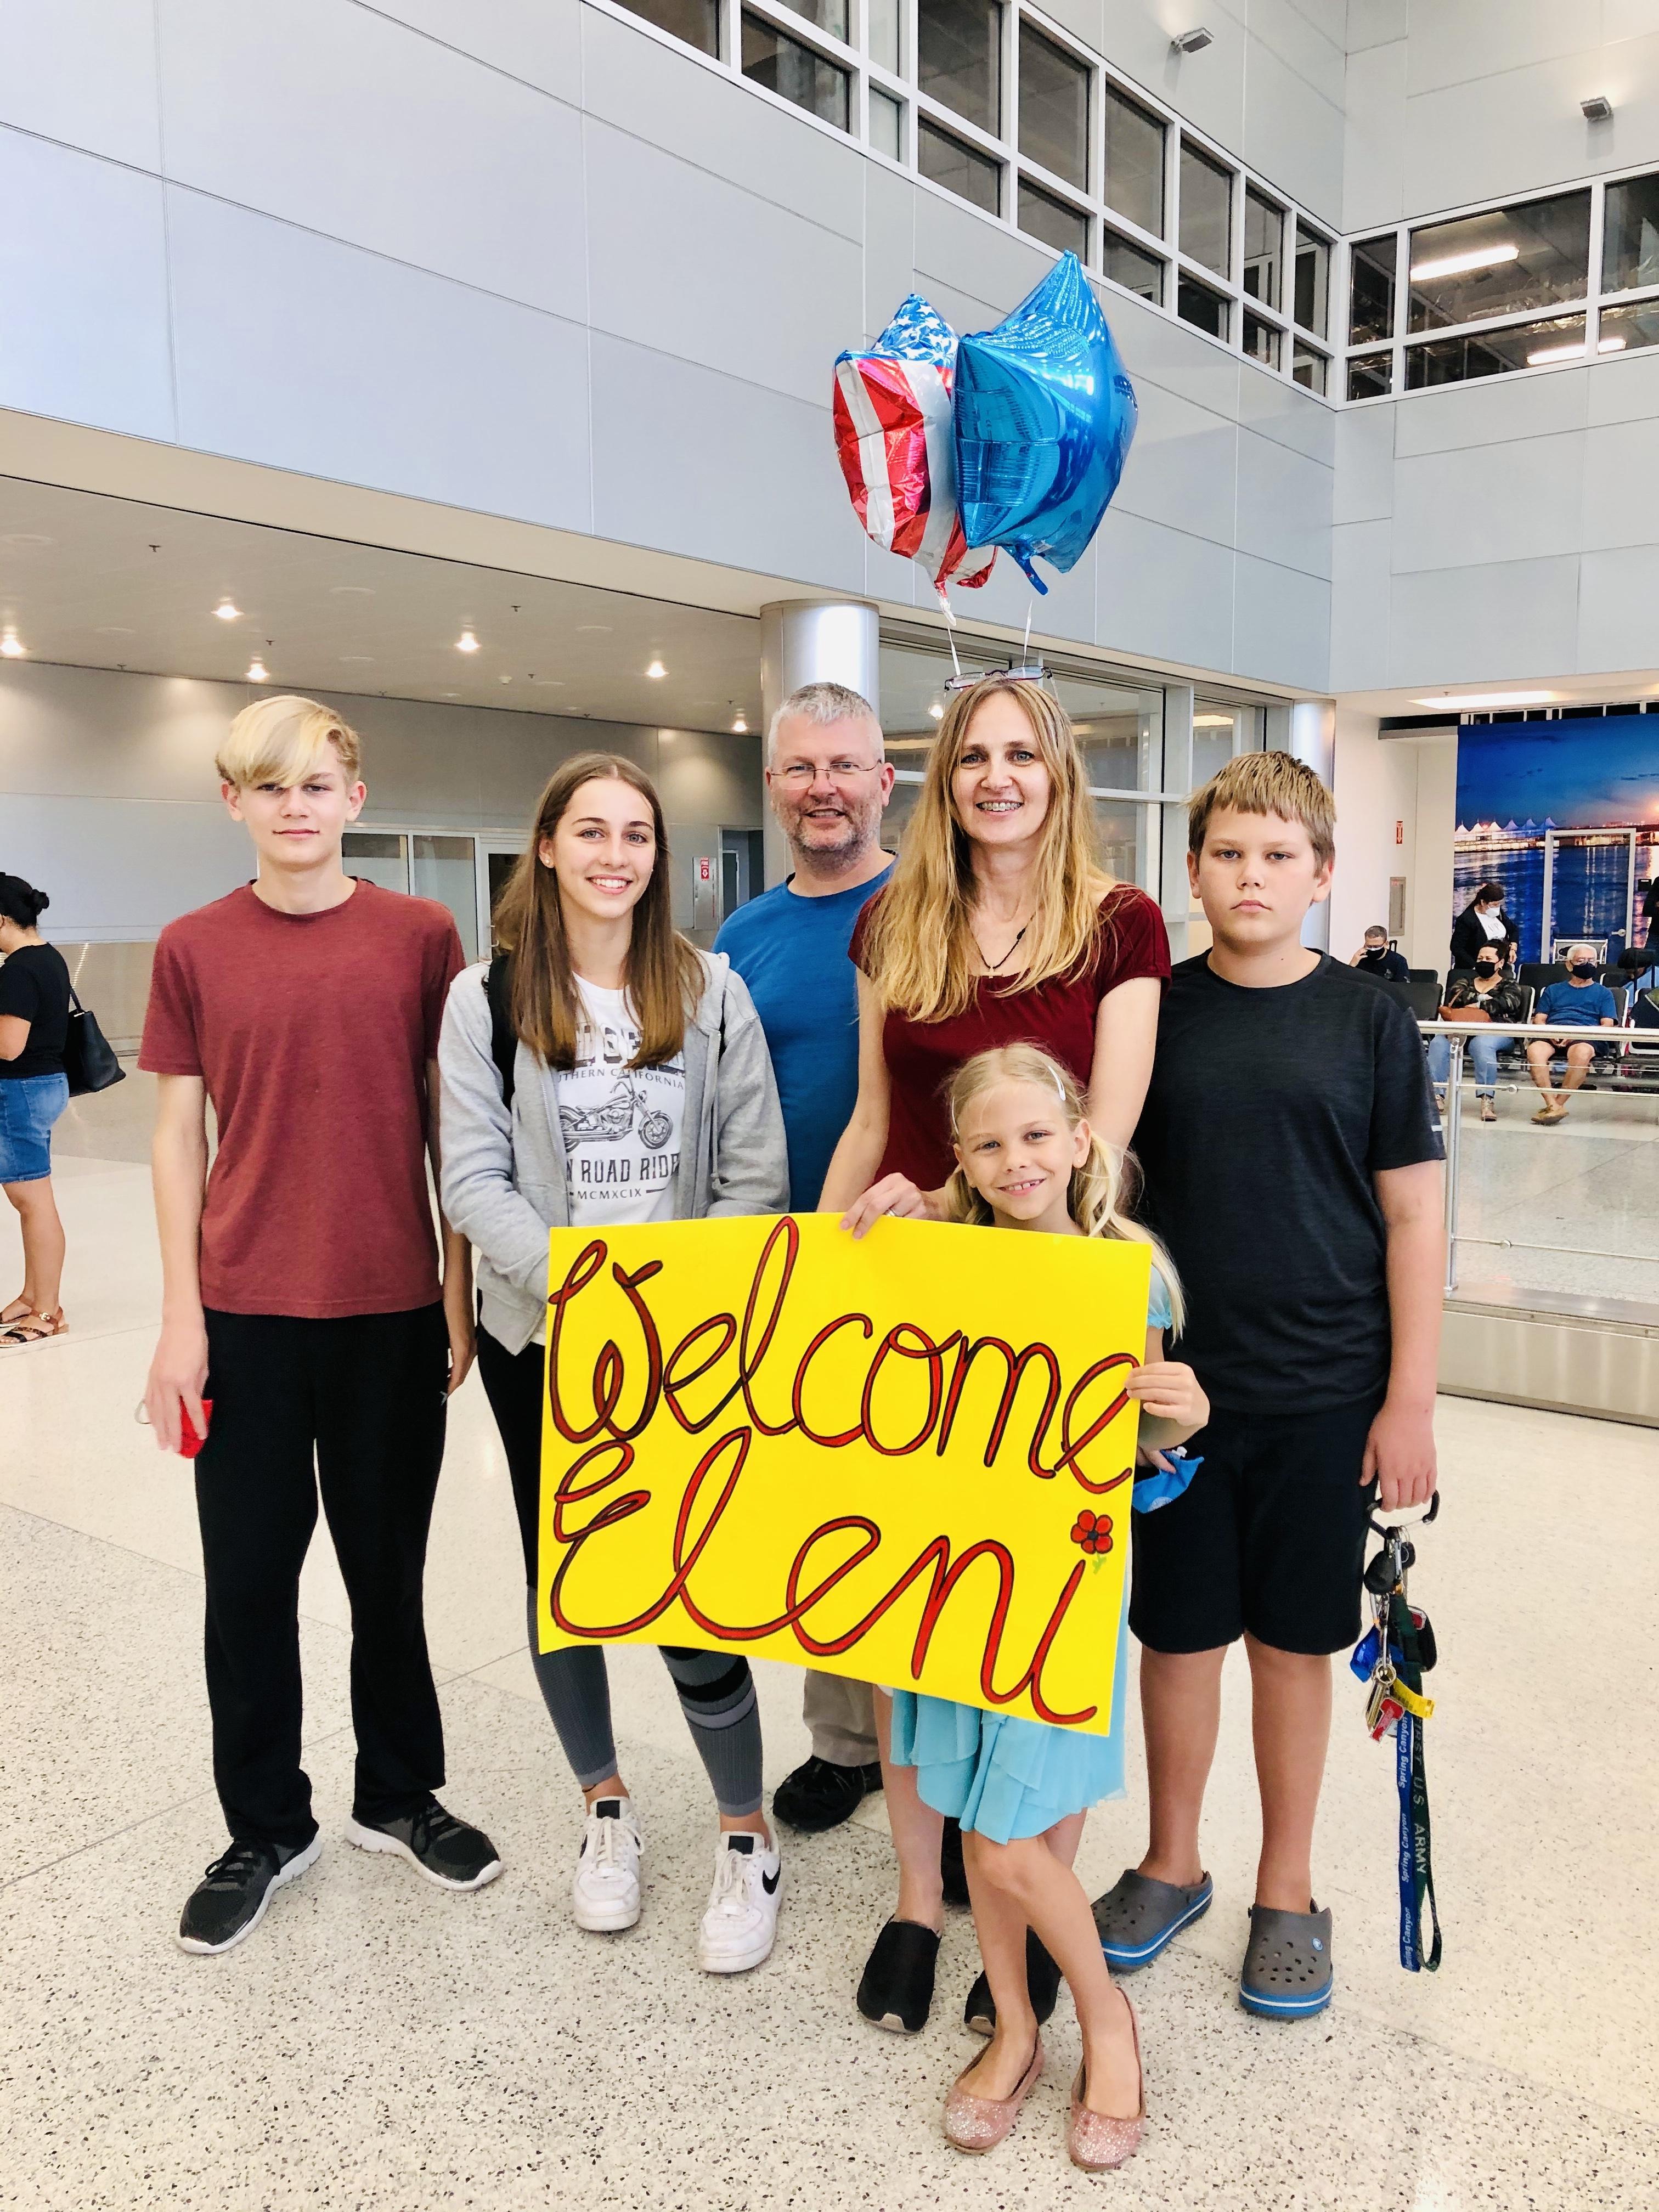 Gastfamilie empfängt Teilnehmerin am Flughafen mit großem bunten Plakat